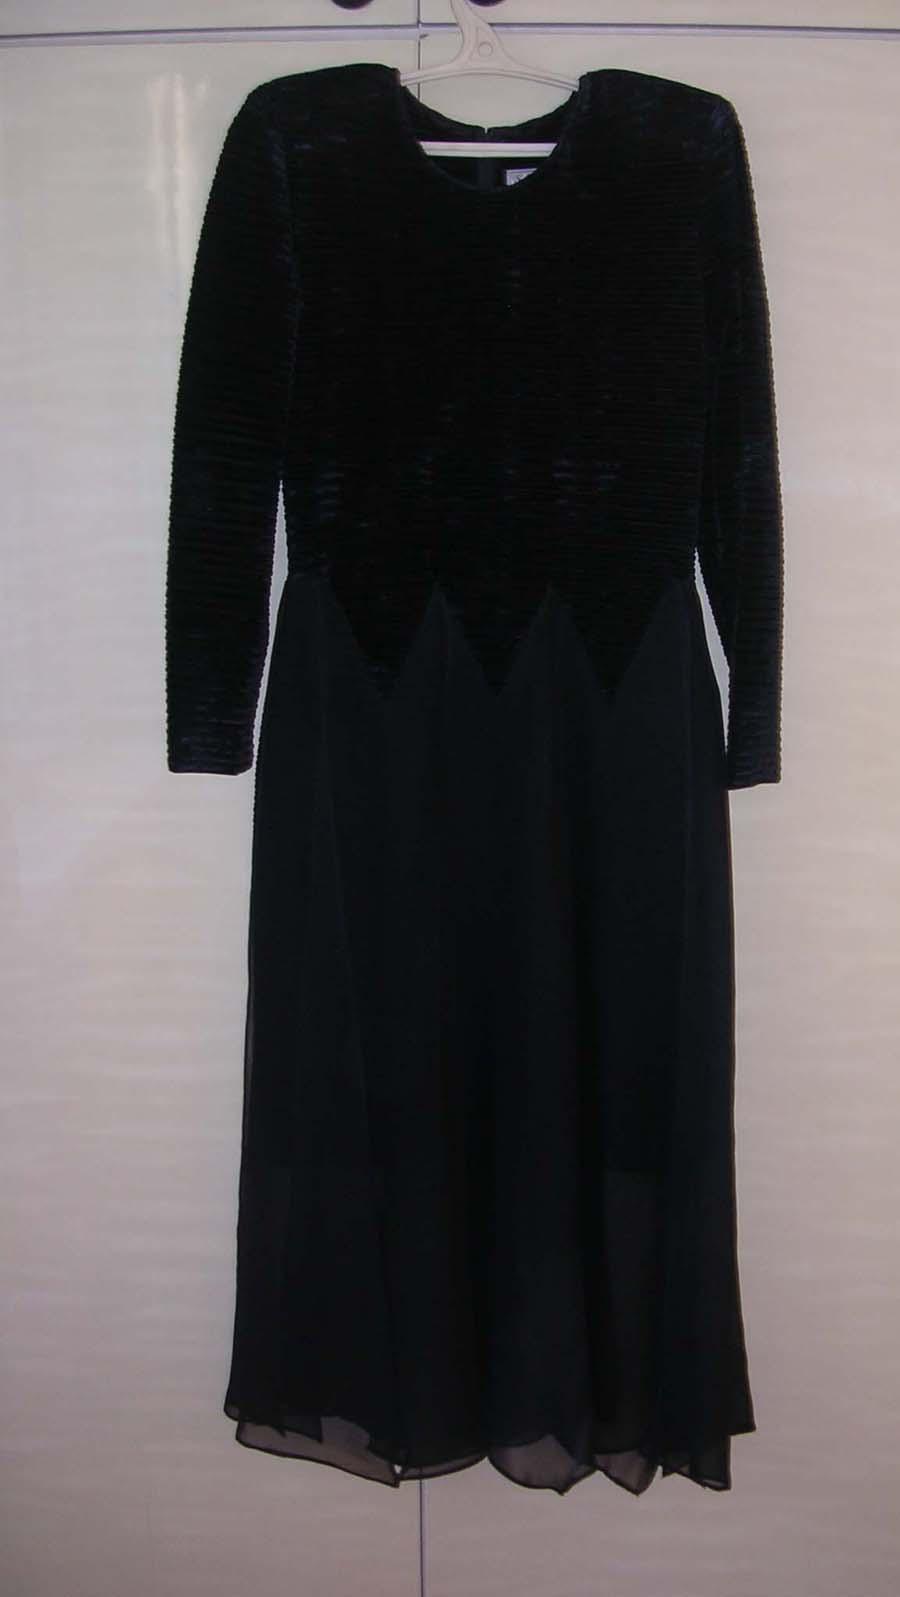 вечерние платья в люблино недорого - Каталог платьев.